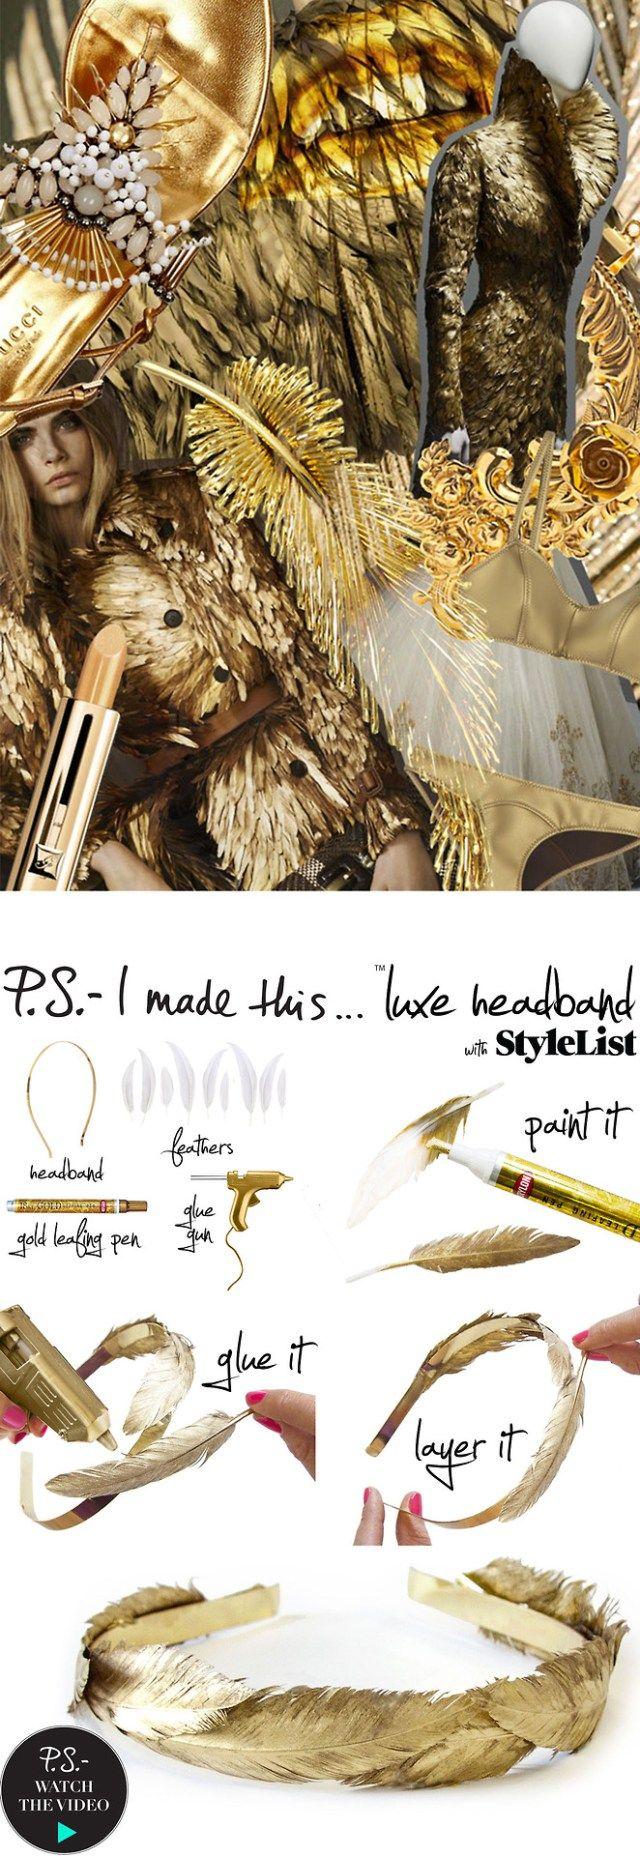 Diadema de plumas doradas - Manualidades Gratis                                                                                                                                                                                 Más